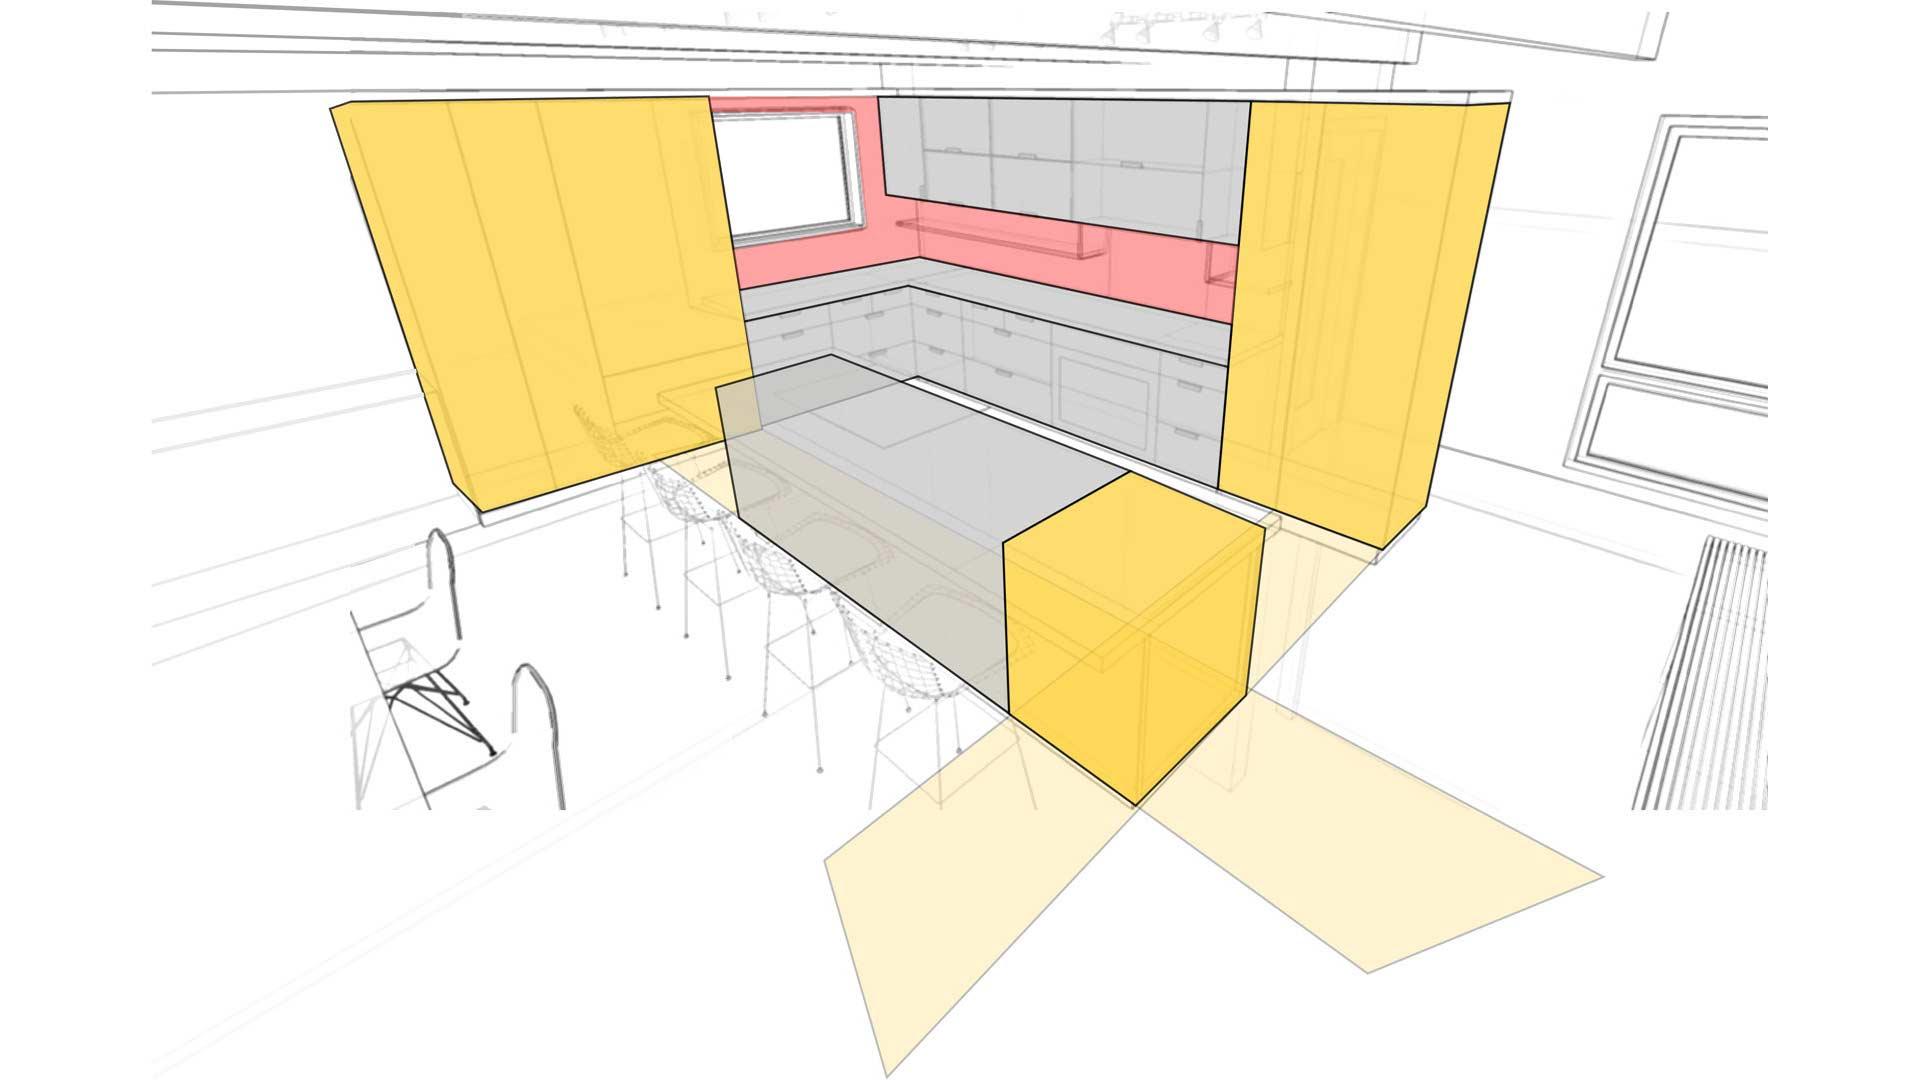 Kitchen Concept Diagram - Midcentury Modern Kitchen Renovation - Bramshaw - Devonshire Neighbhorhood - Indianapolis